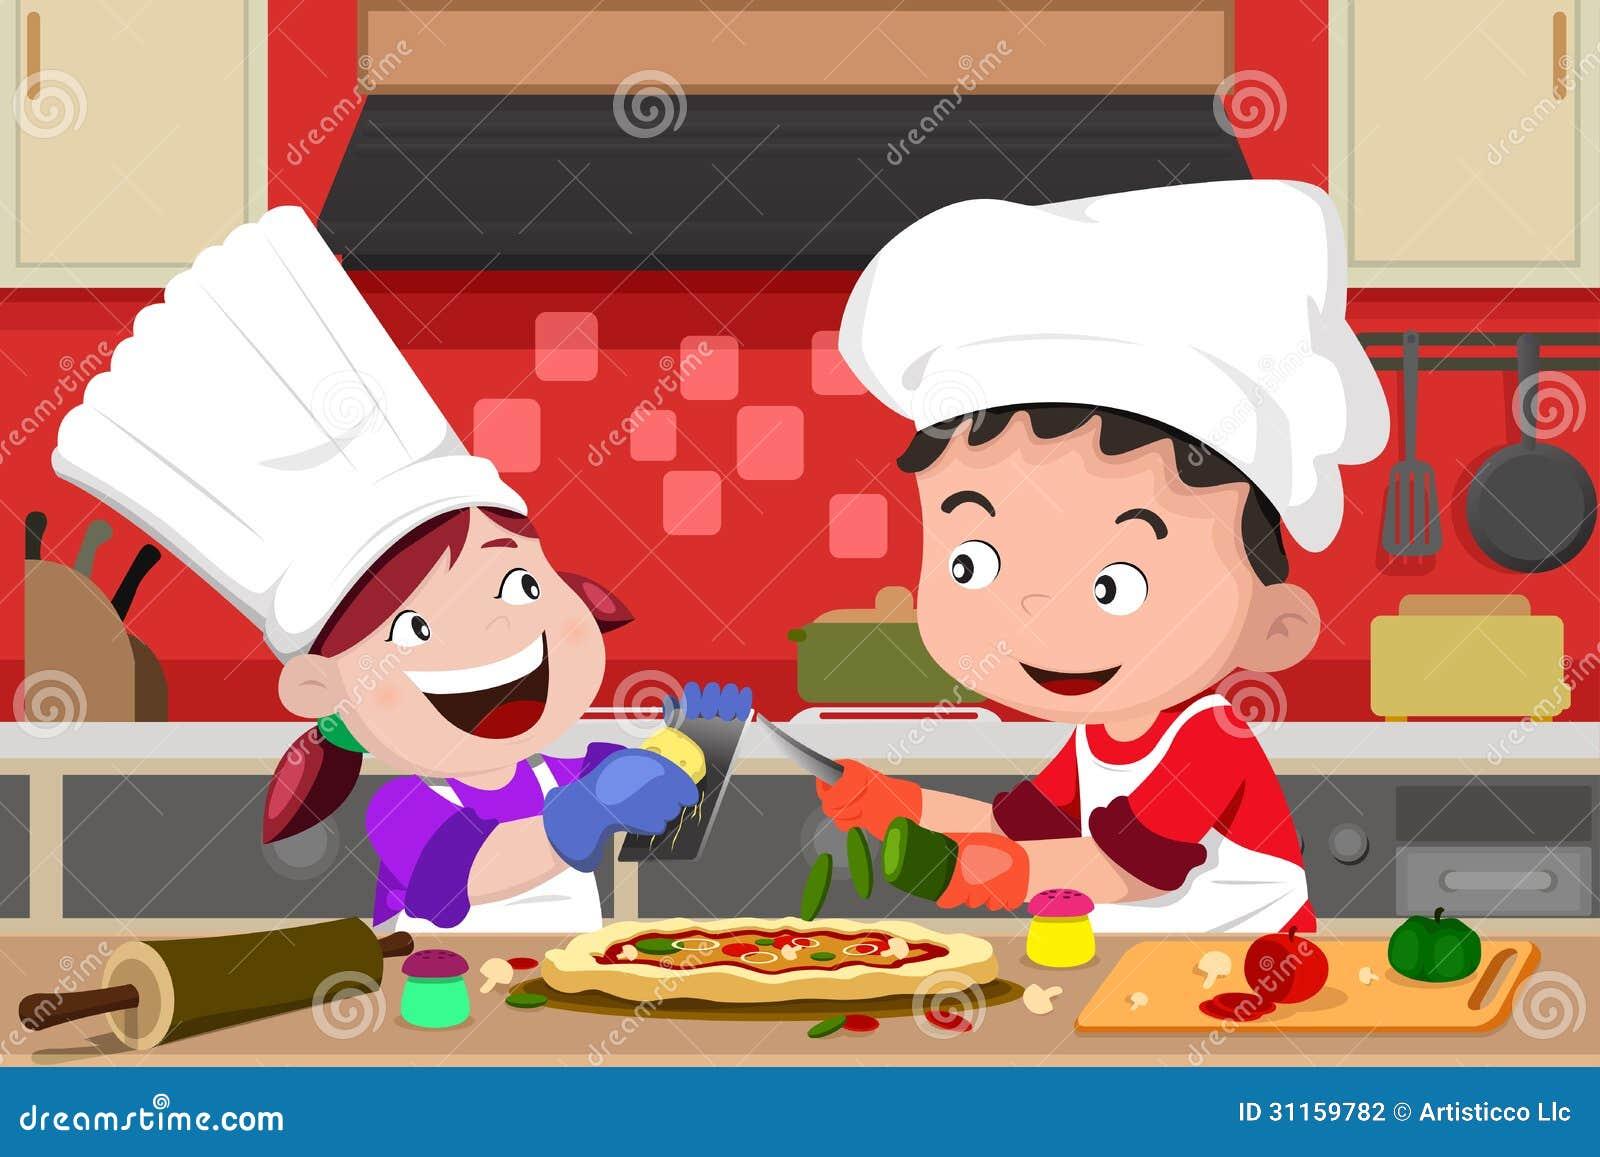 Kitchen Kids Making Pizza With Children